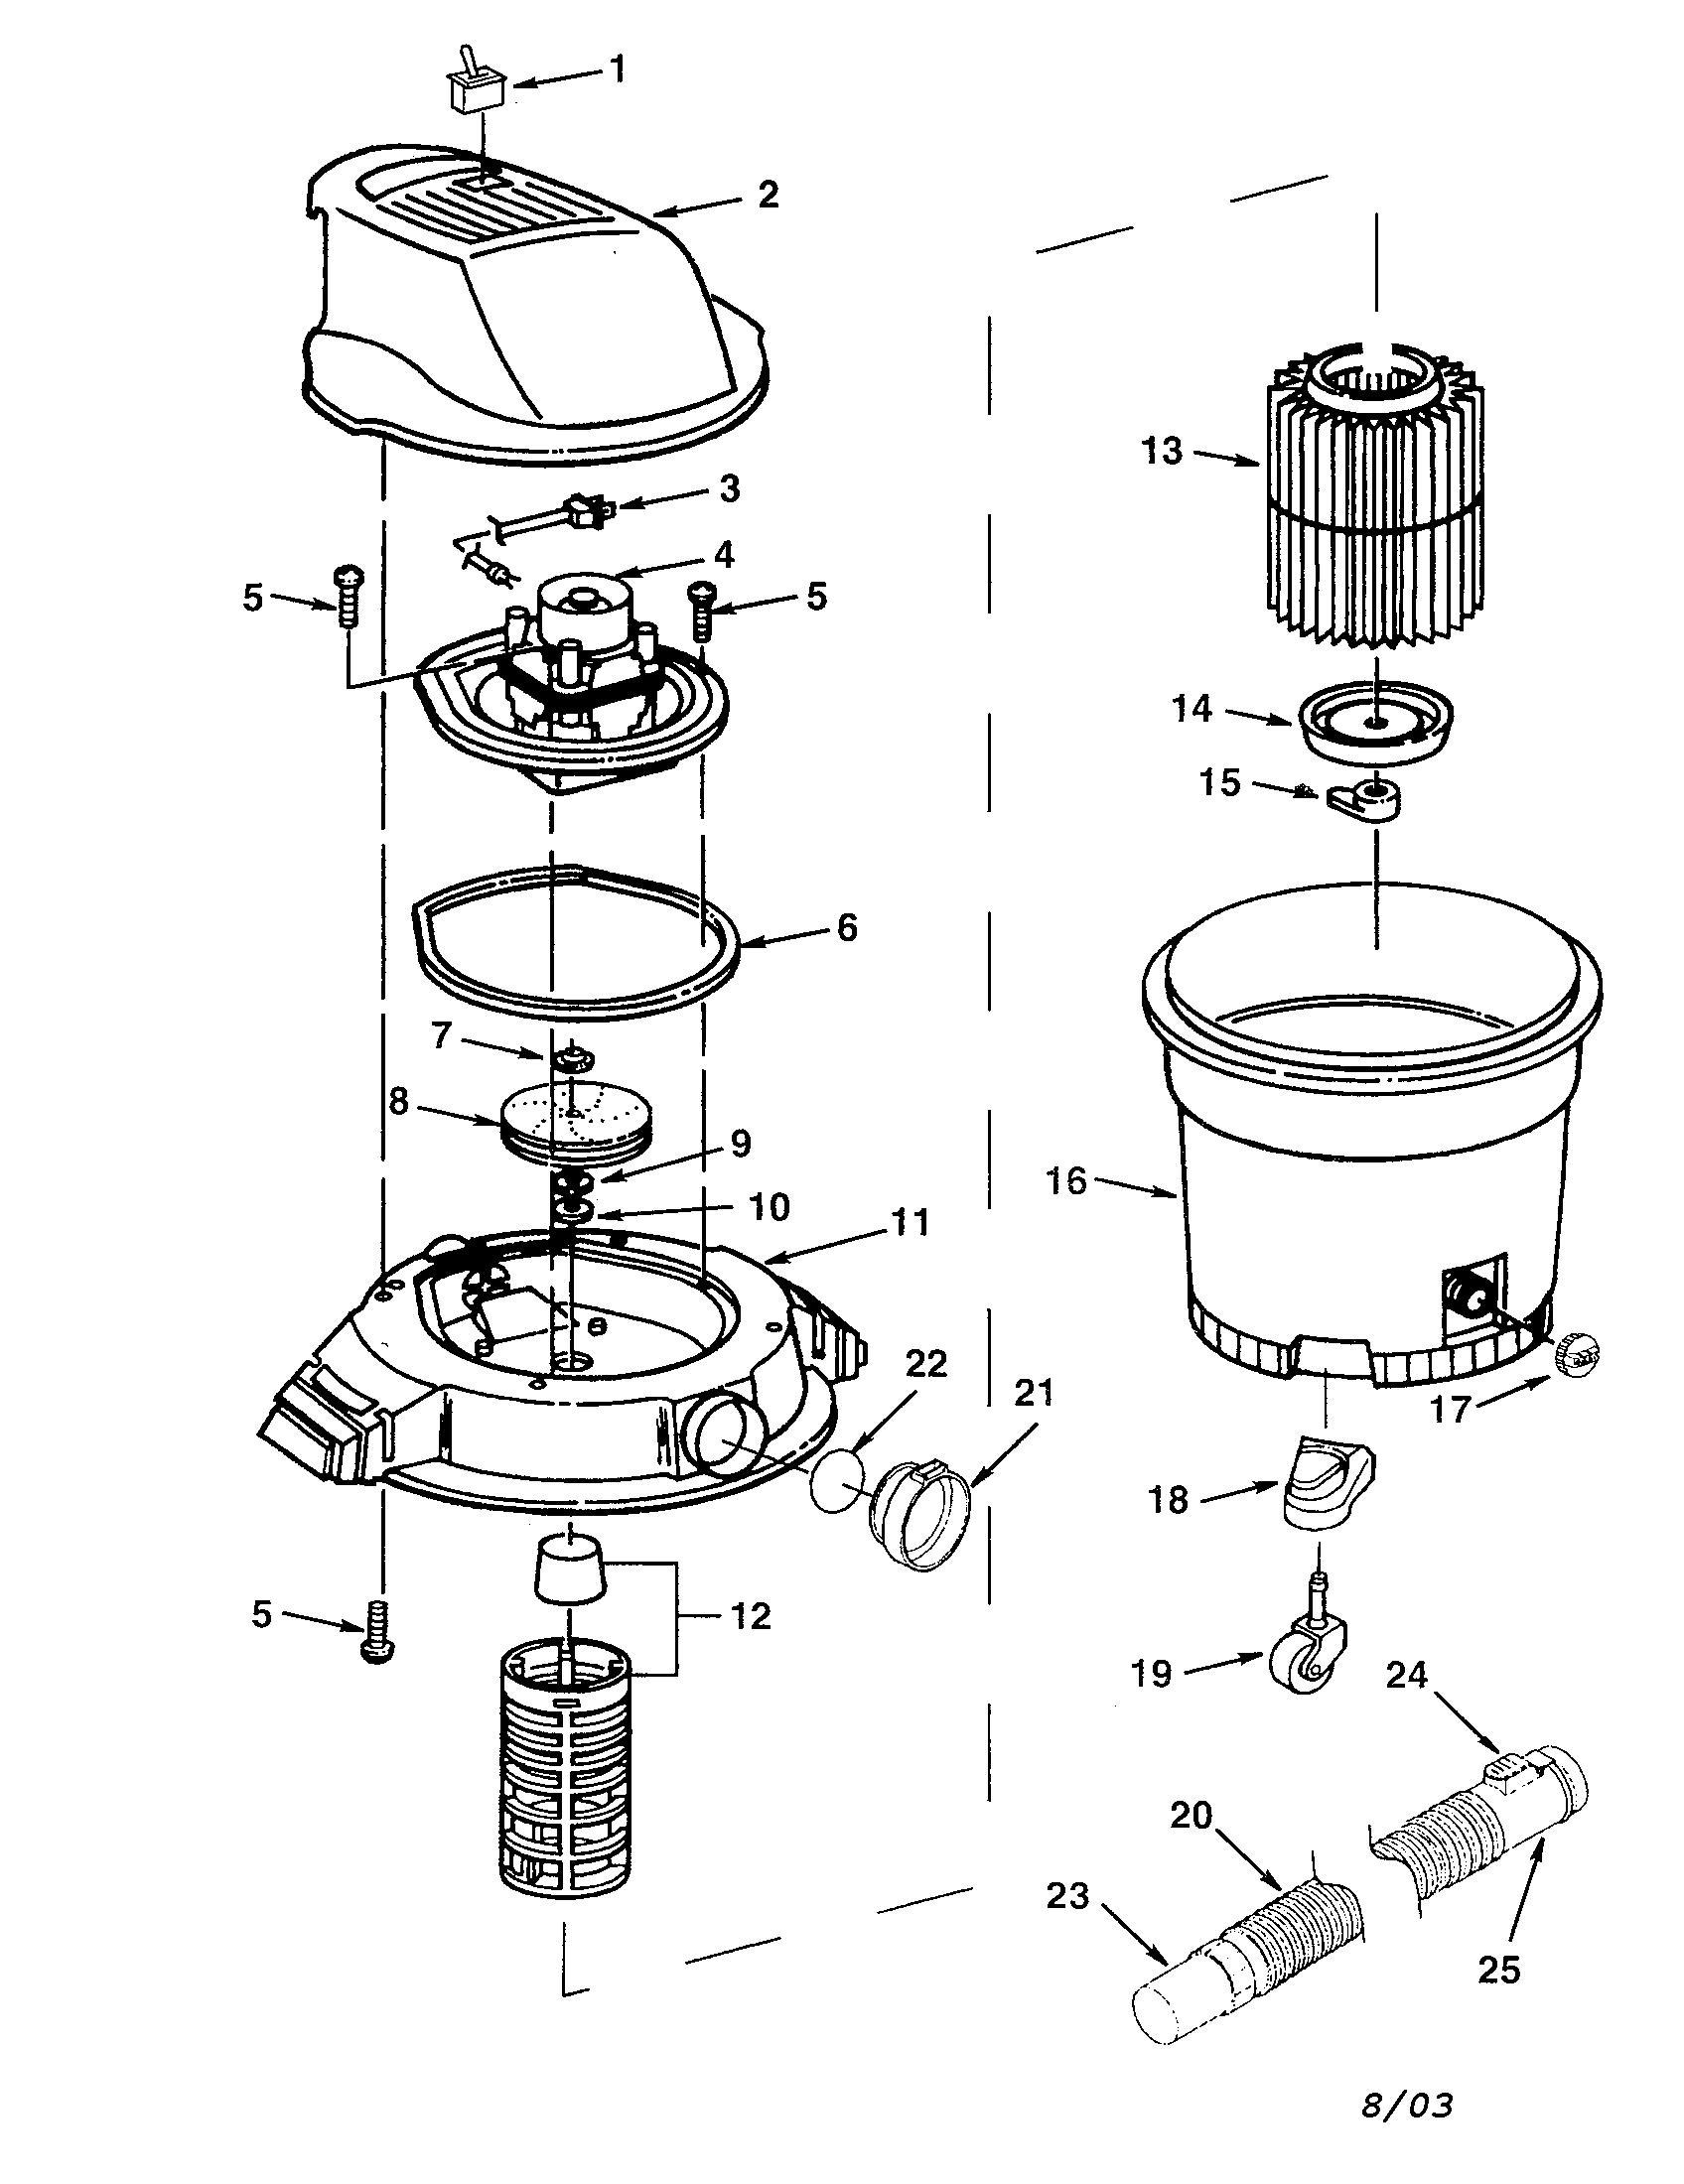 Craftsman model 113177920 wet/dry vacuum genuine parts